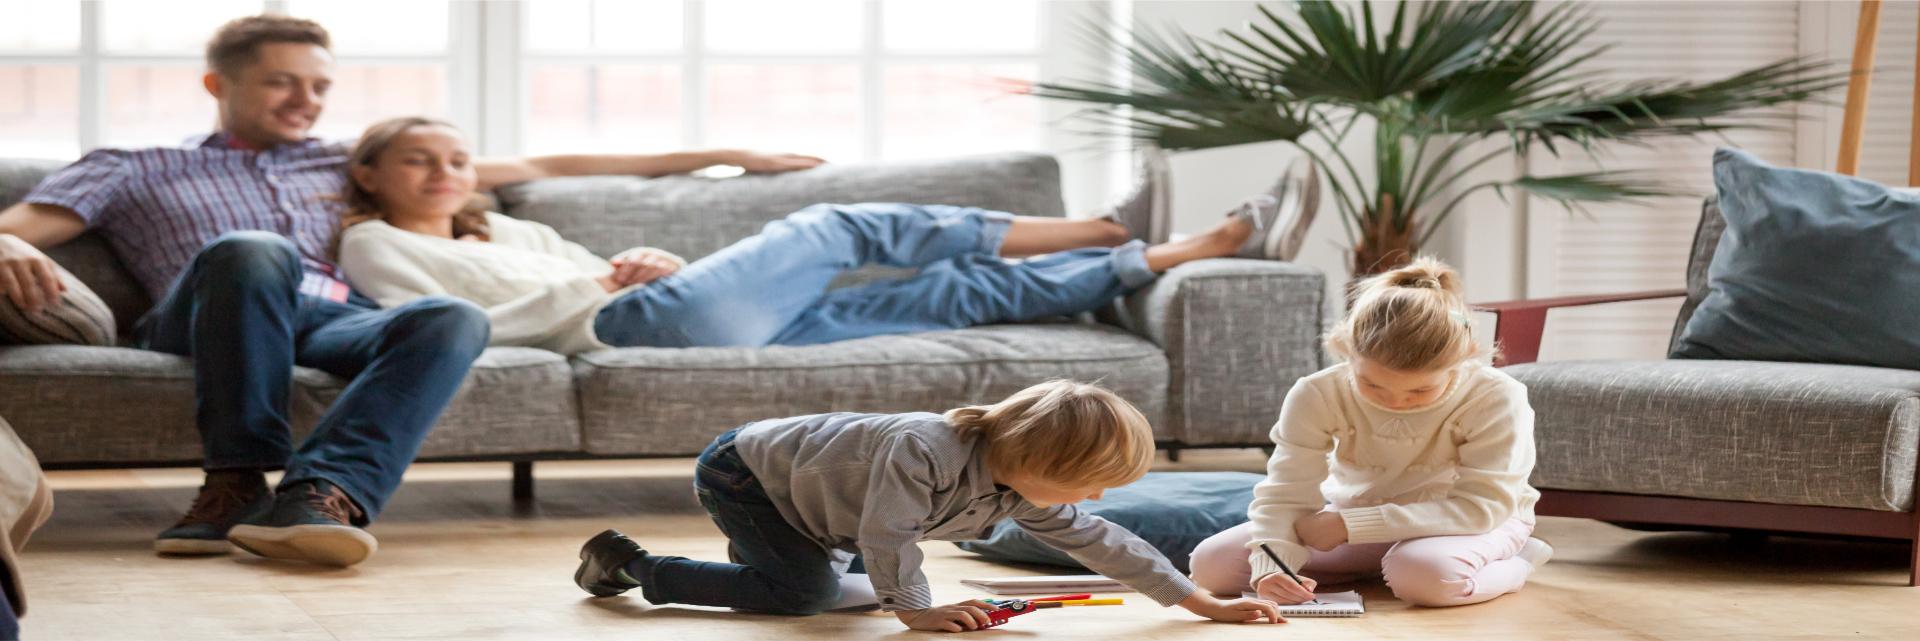 Wir streichen Ihr Wohnung, lehnen Sie sich beruhigt zurück